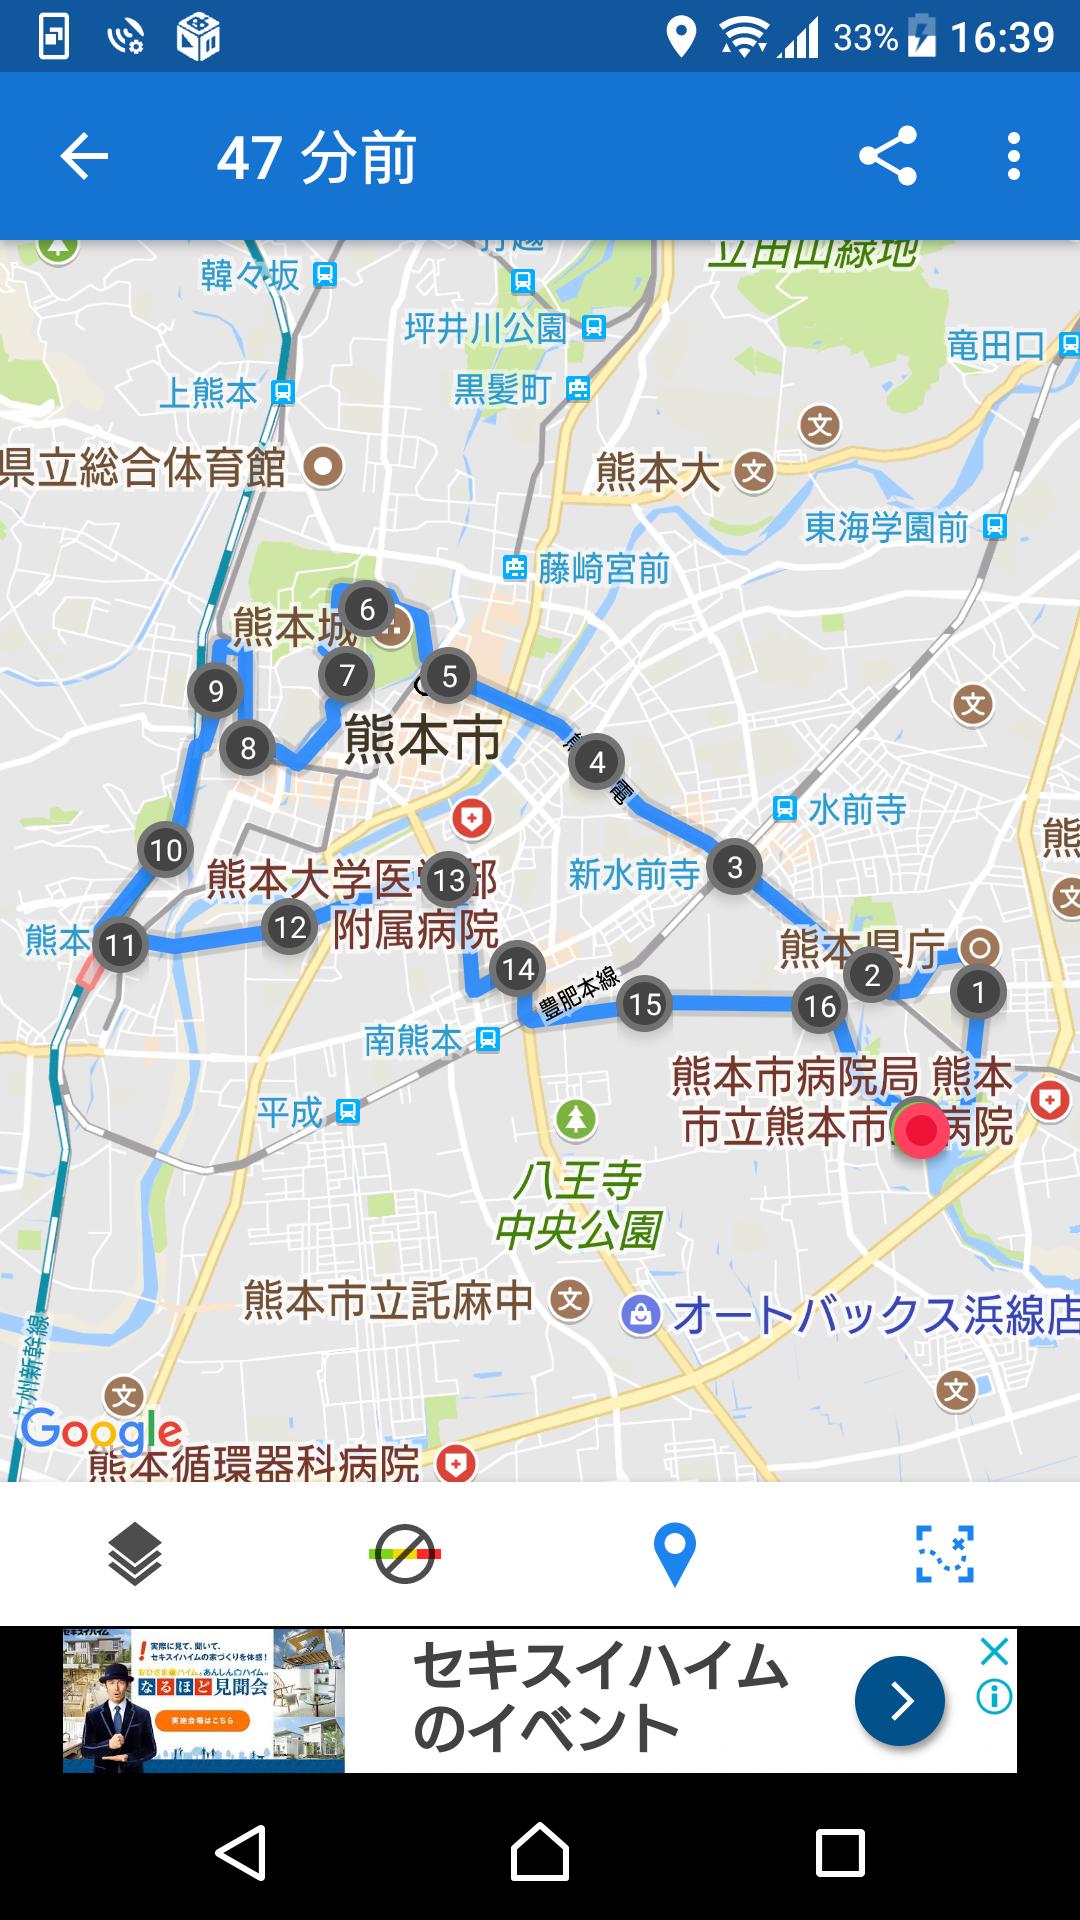 f:id:ynakayama27:20170828090129p:plain